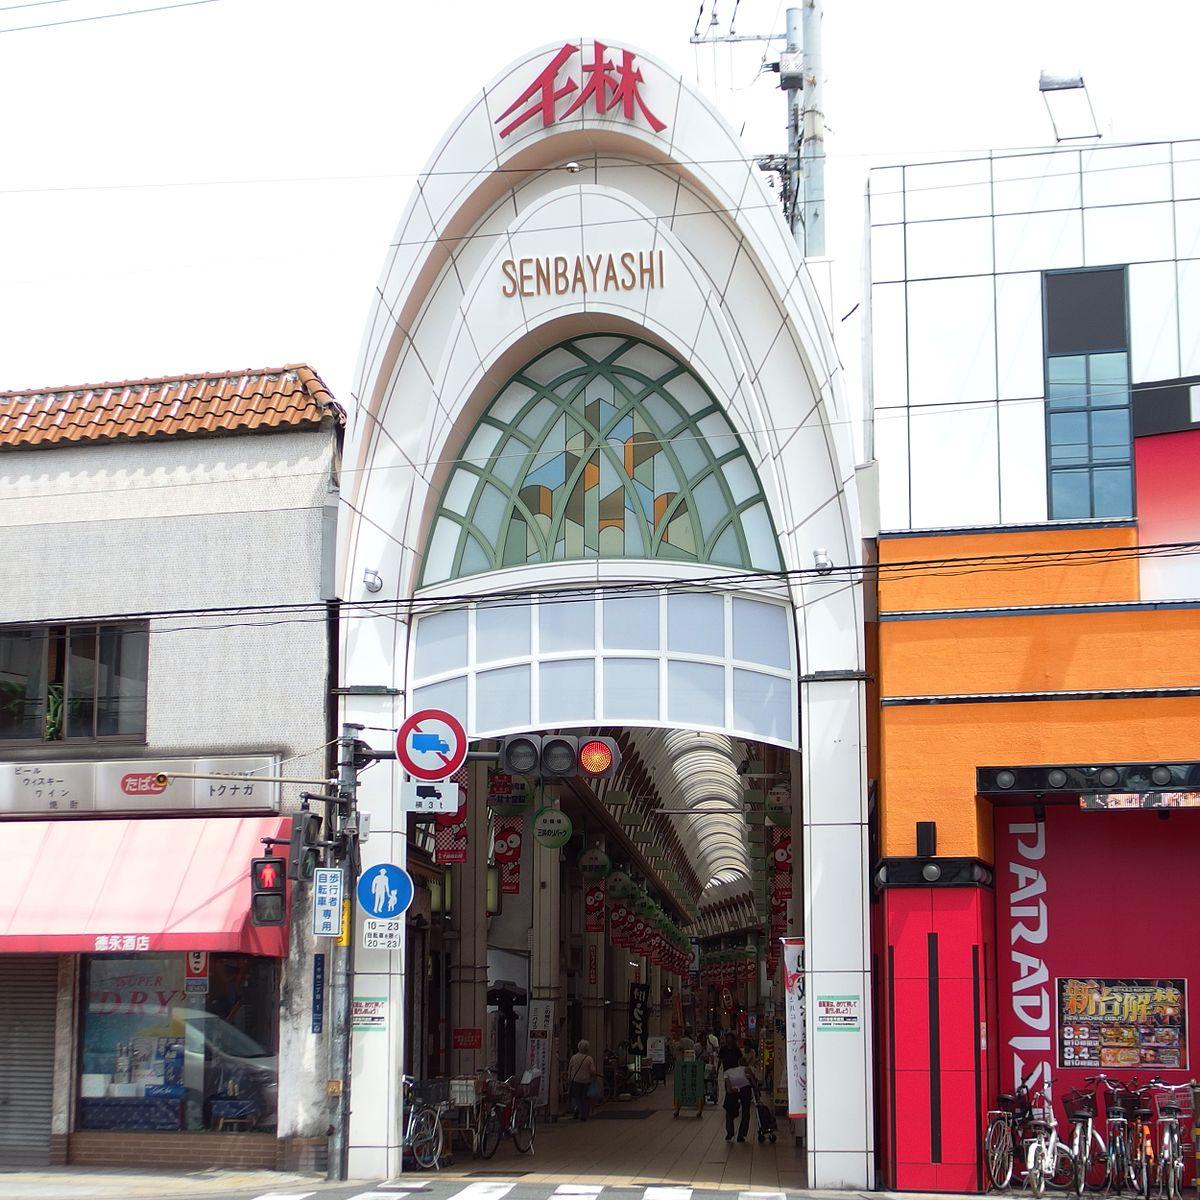 旭区 (大阪市) - 维基百科,自由的百科全书